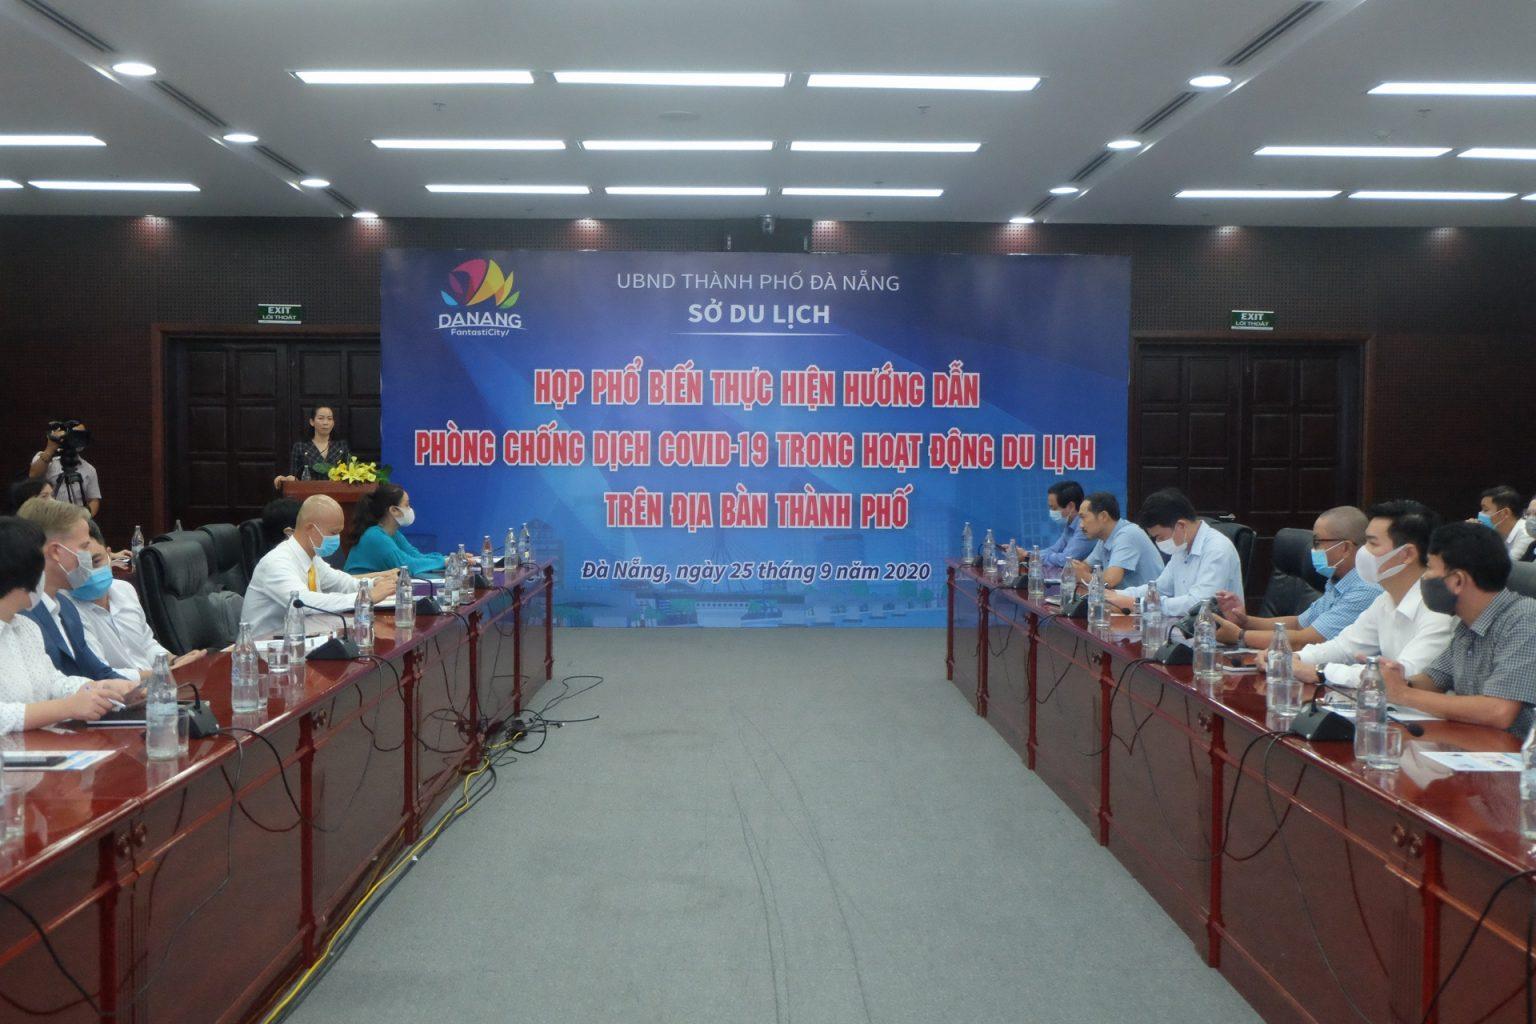 Thông tin phổ biến thực hiện hướng dẫn phòng chống dịch Covid-19 trong hoạt động du lịch trên địa bàn thành phố Đà Nẵng trong tình hình bình thường mới